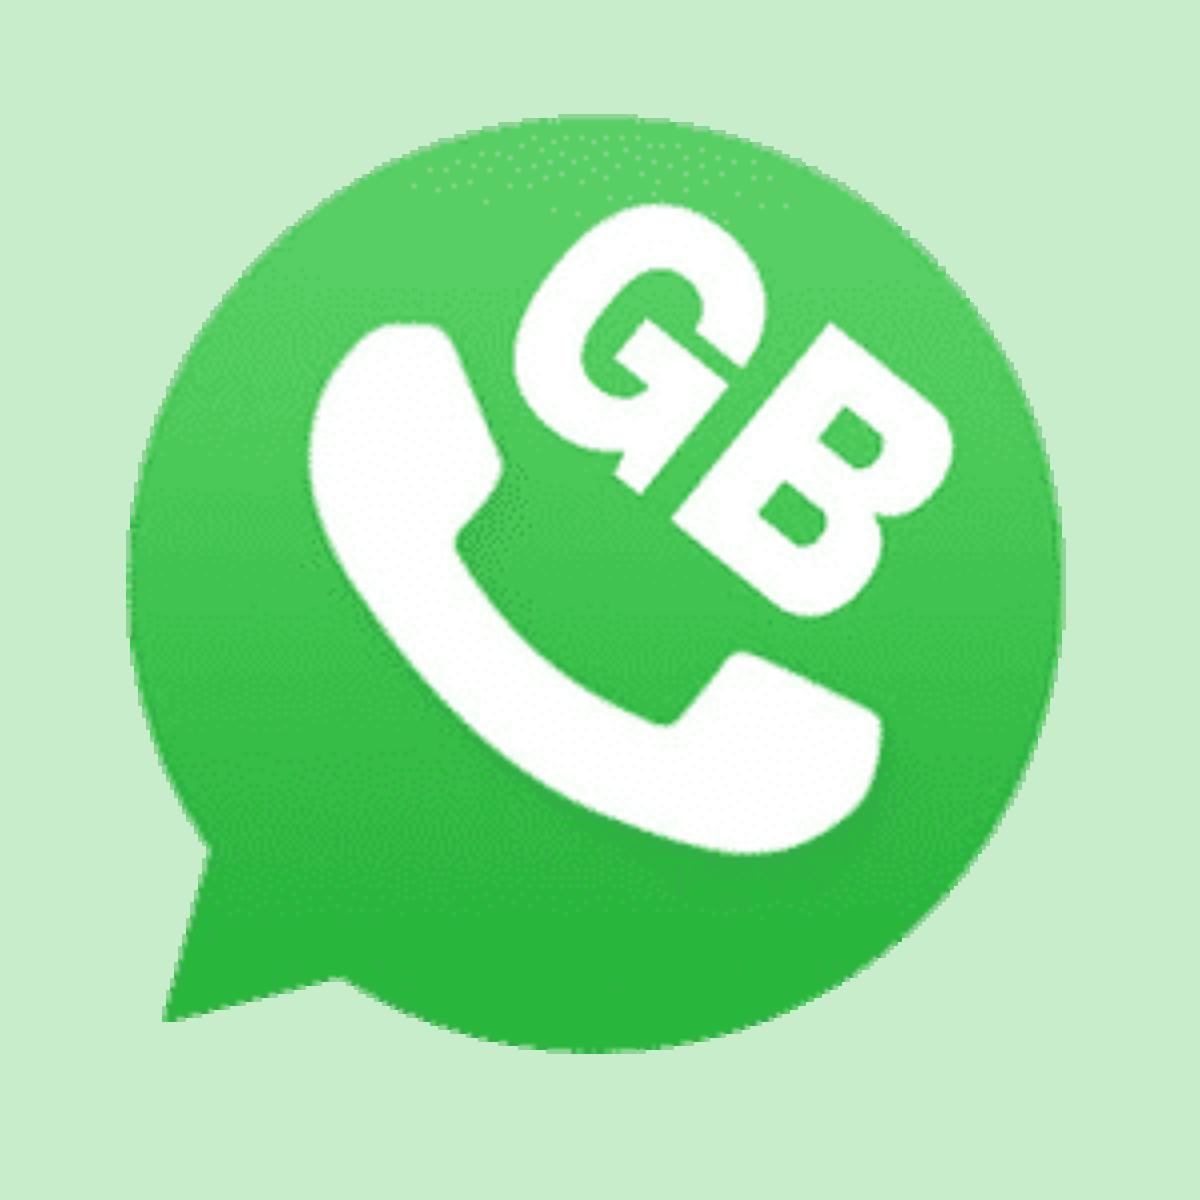 Gbwhatsapp Apk 17 10 0 Fur Android Herunterladen